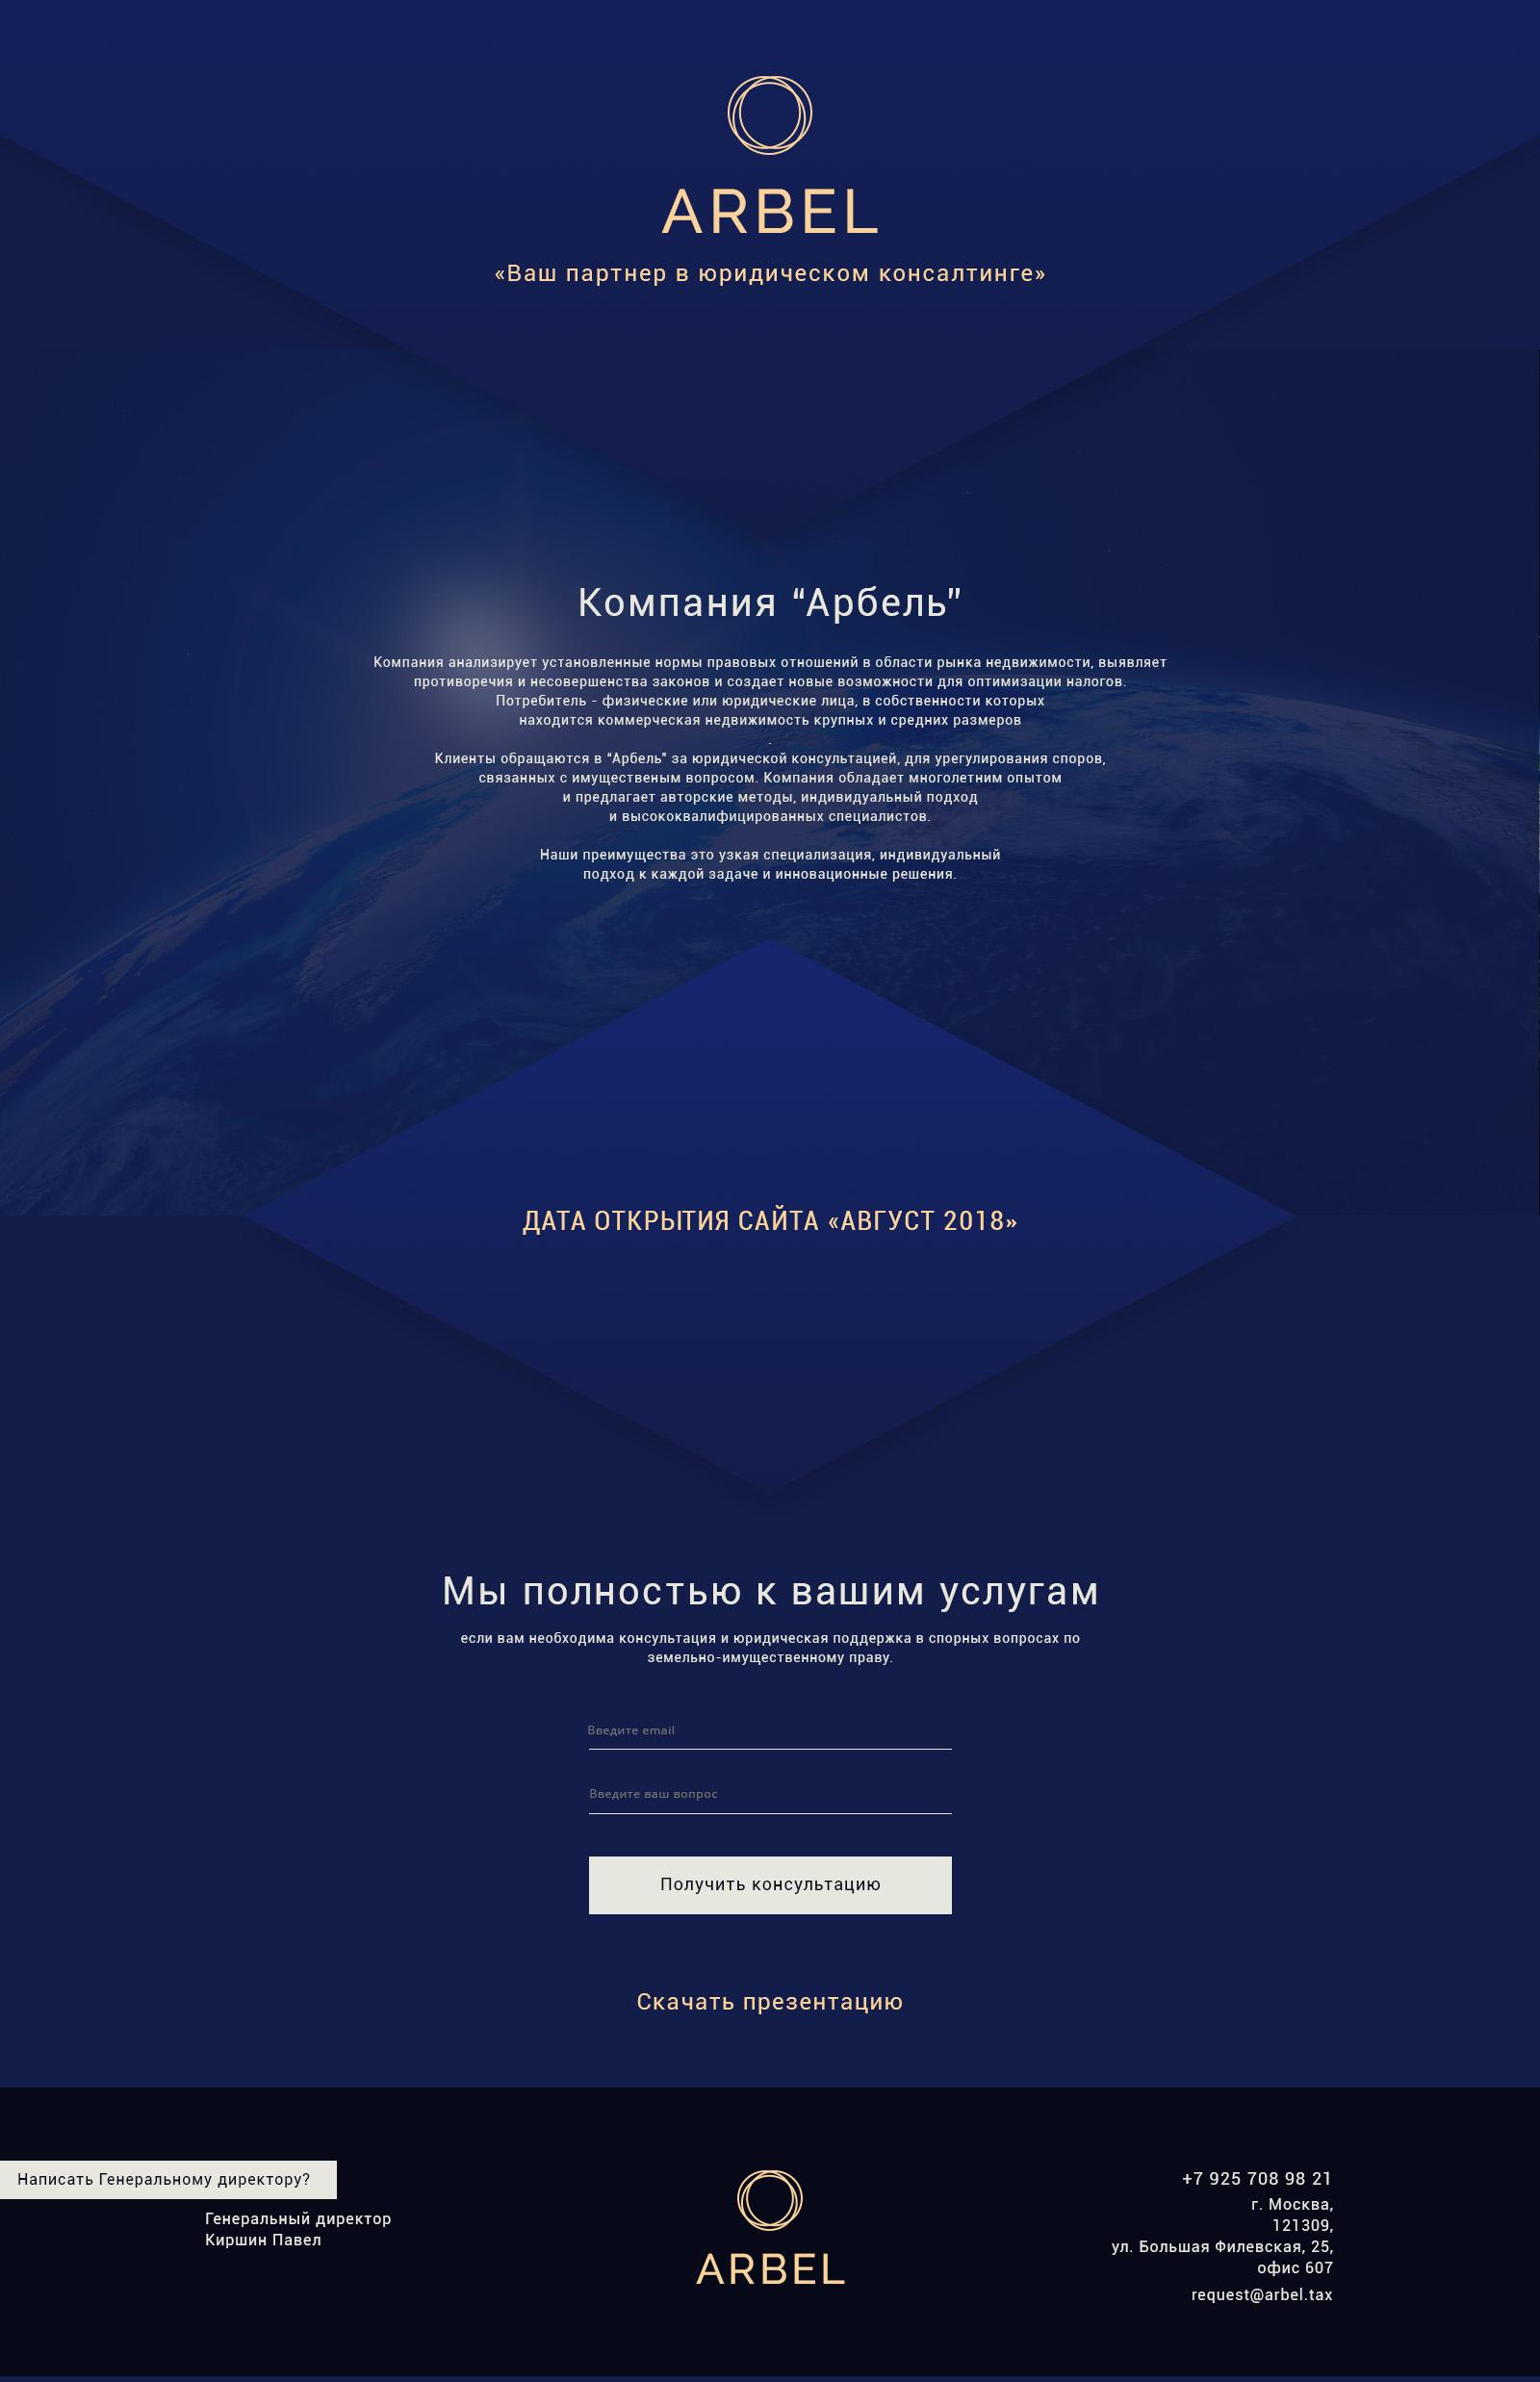 Сайт презентация